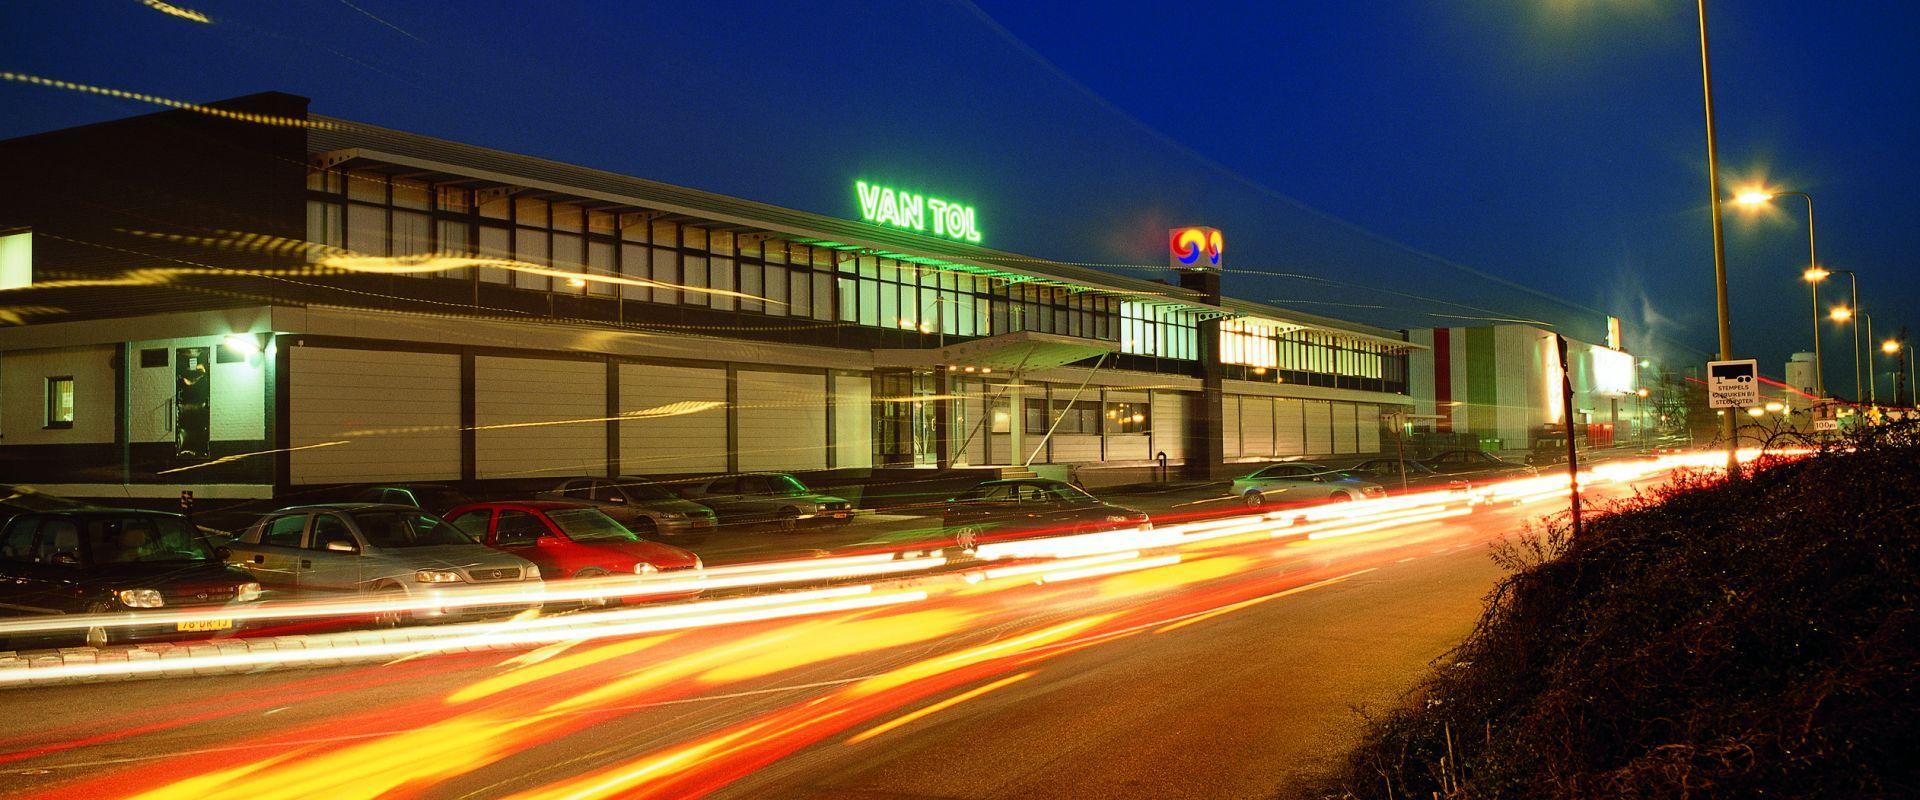 Van Tol Retail